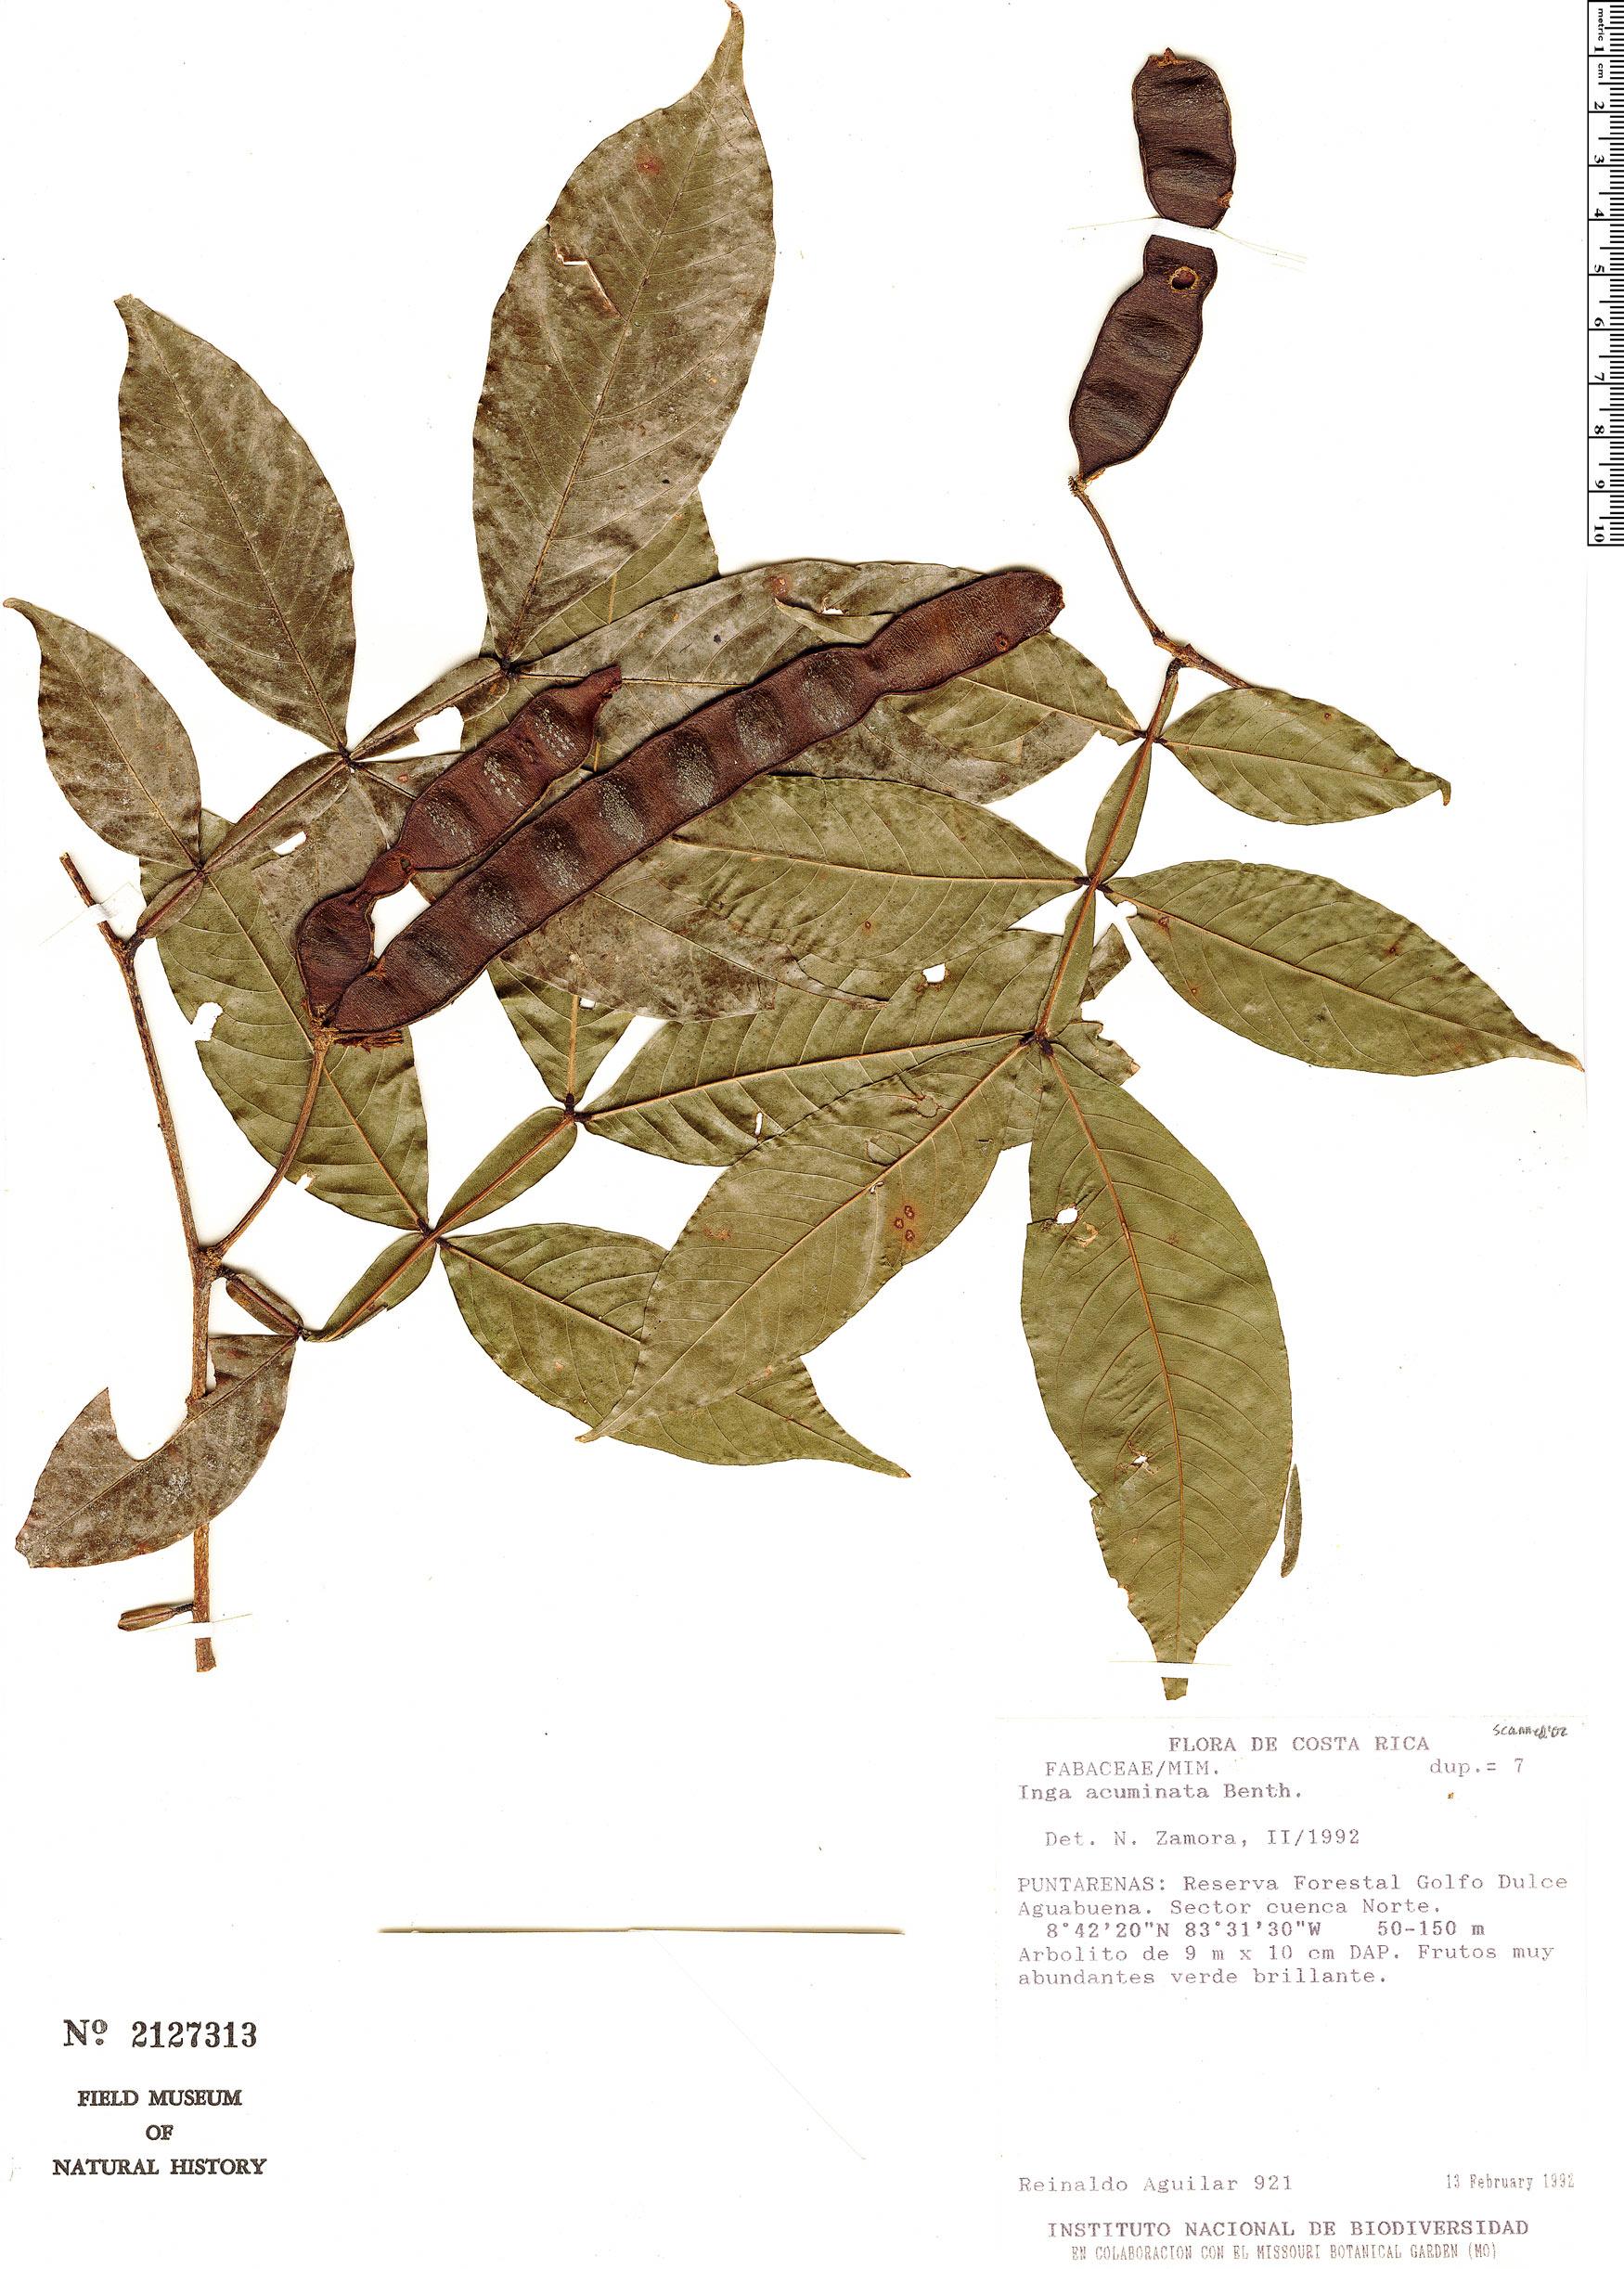 Espécimen: Inga acuminata